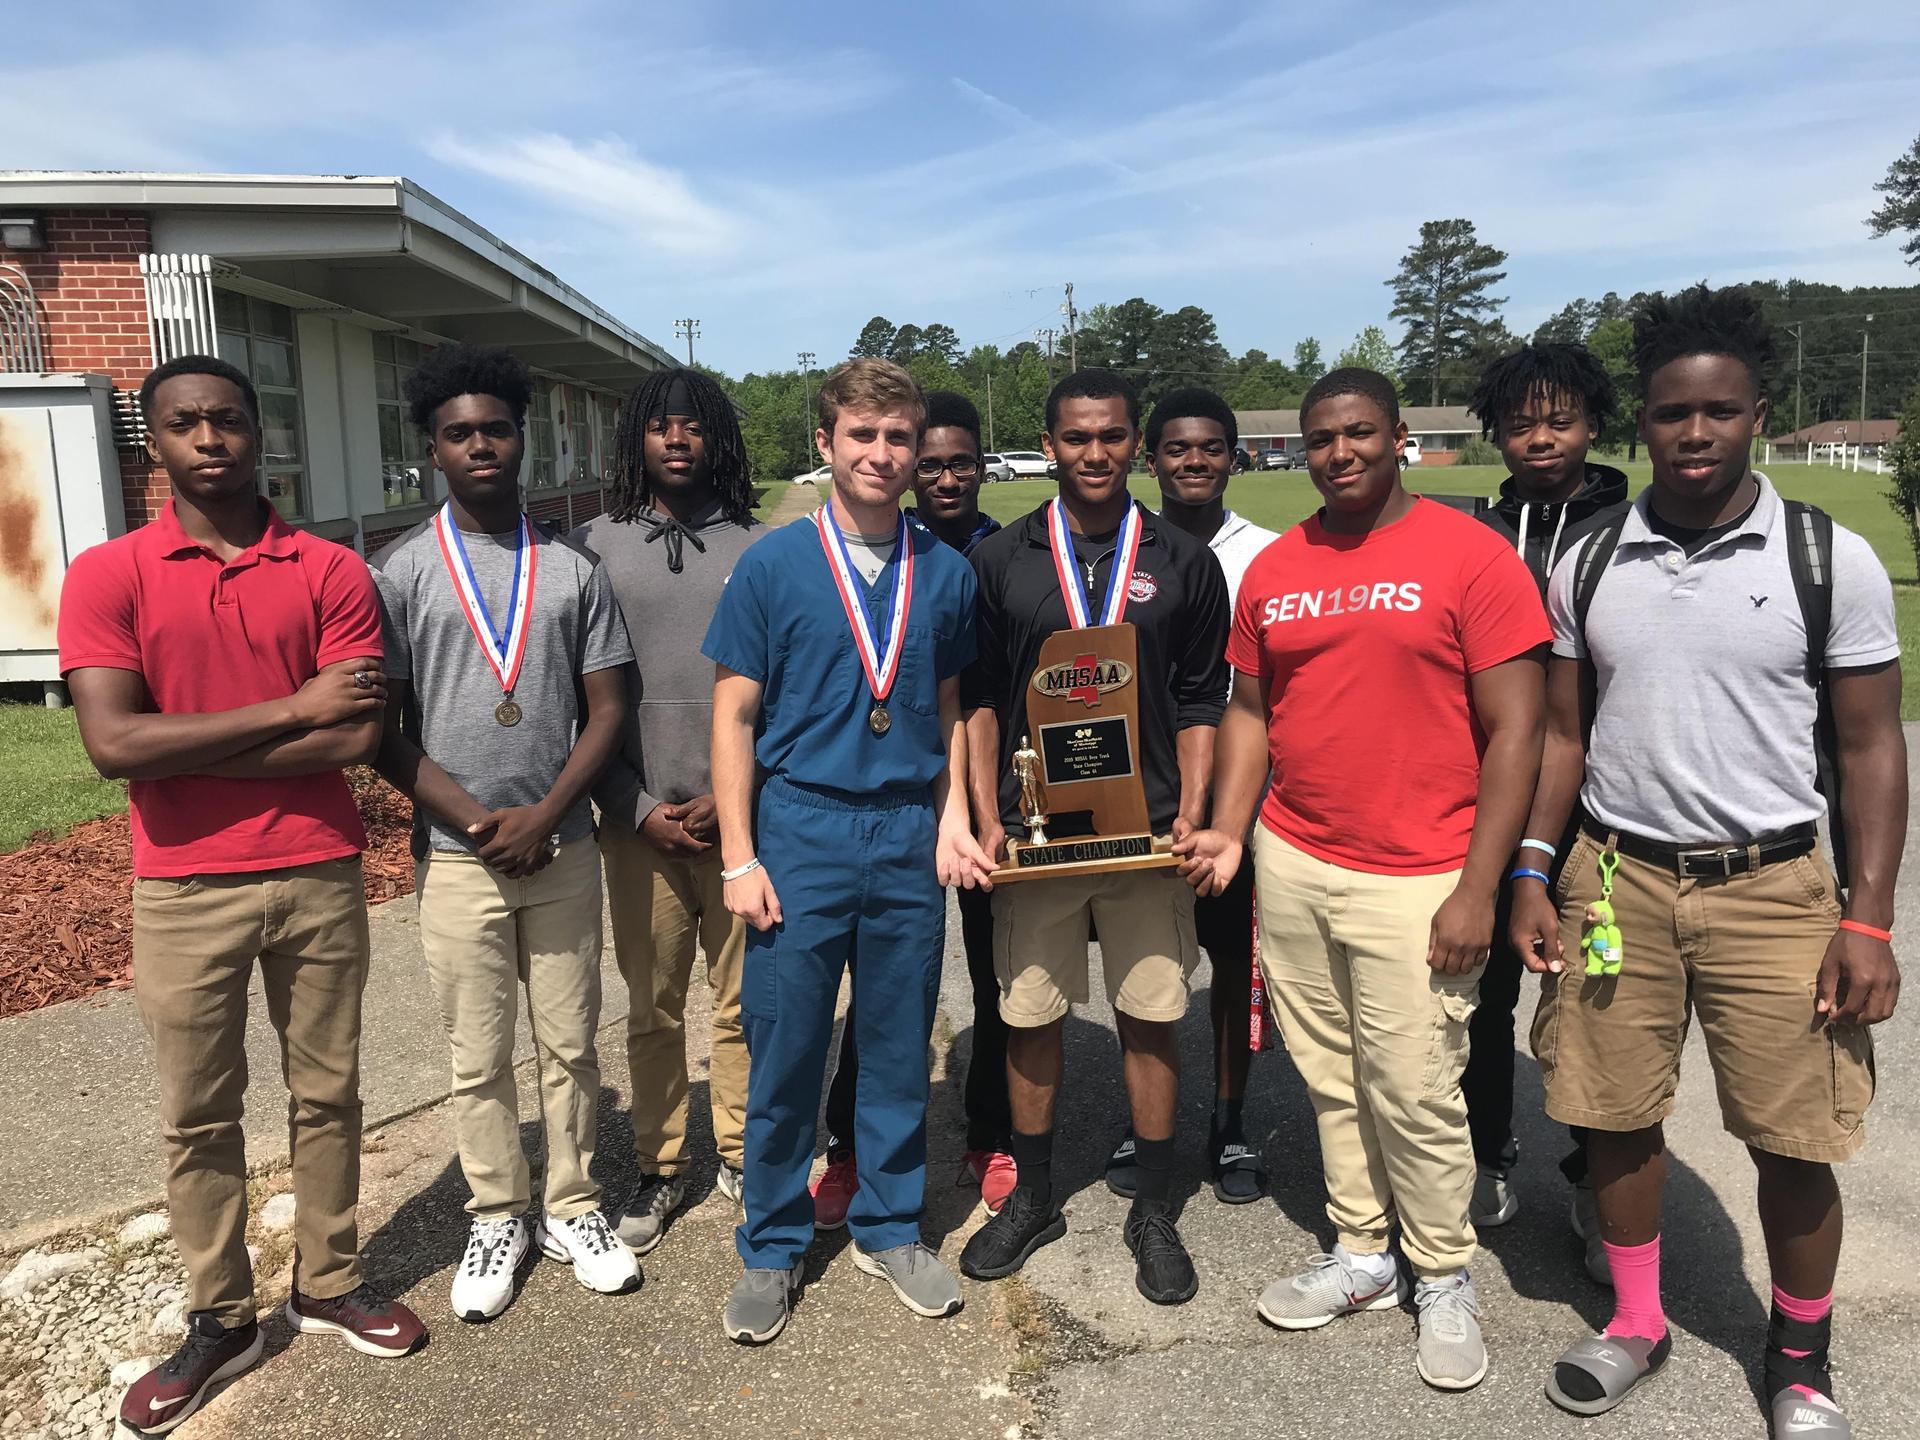 NEHS 2019 StateTrack & Field Champion Team